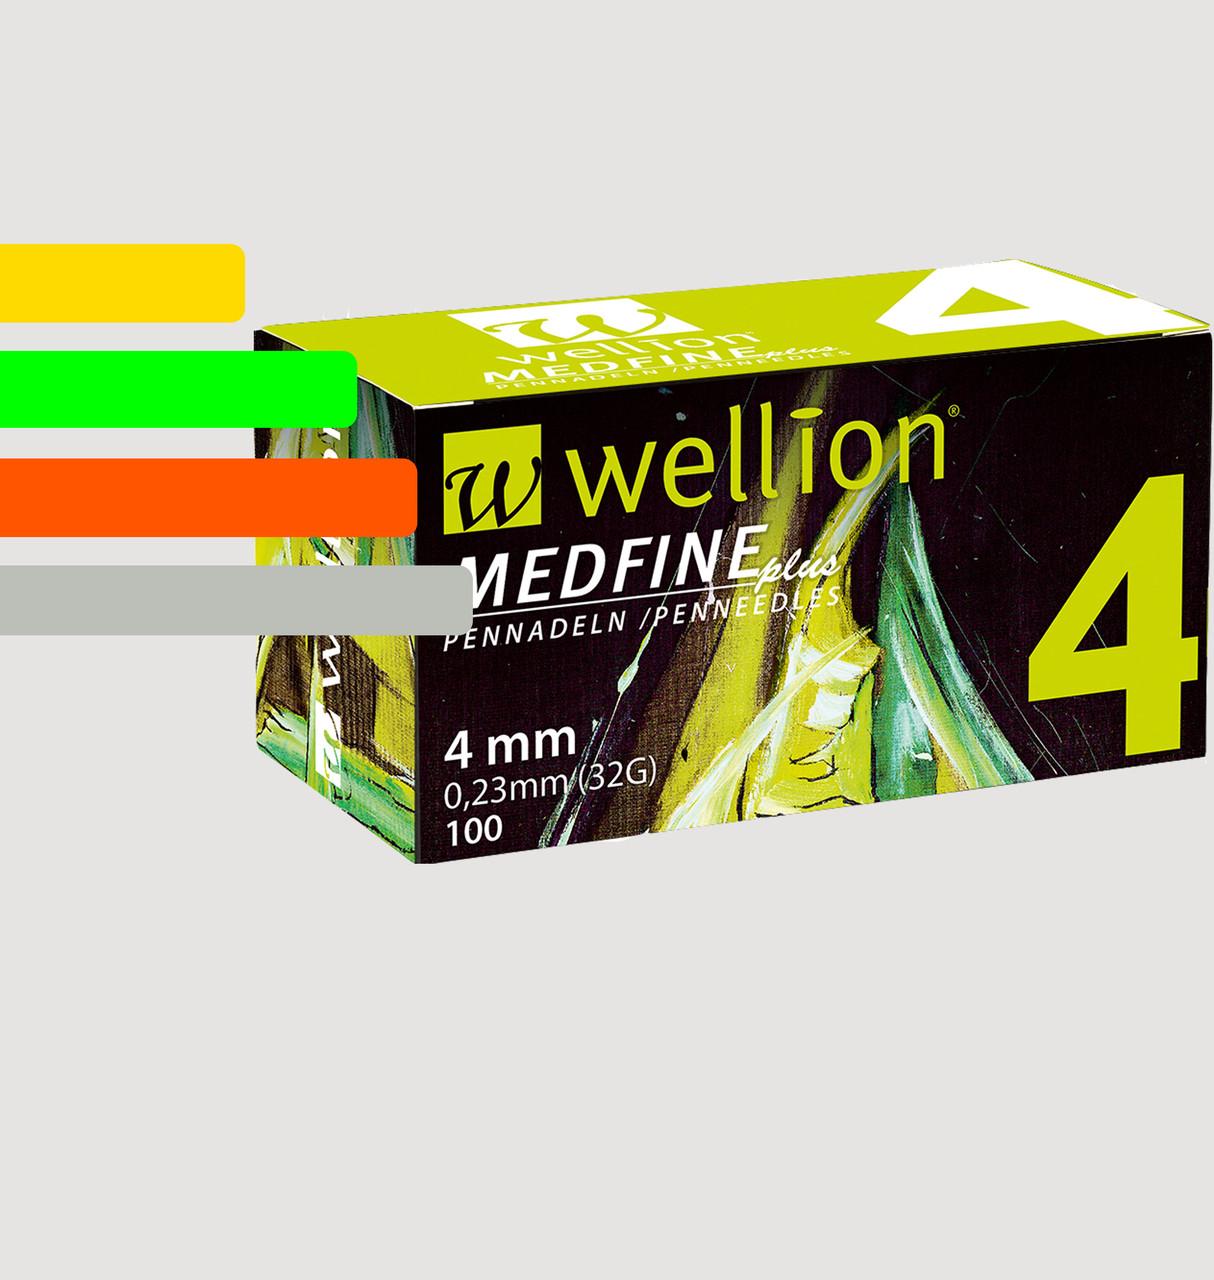 Иглы инсулиновые Wellion Medfine 4мм, 32G - Веллион Медфайн 4мм